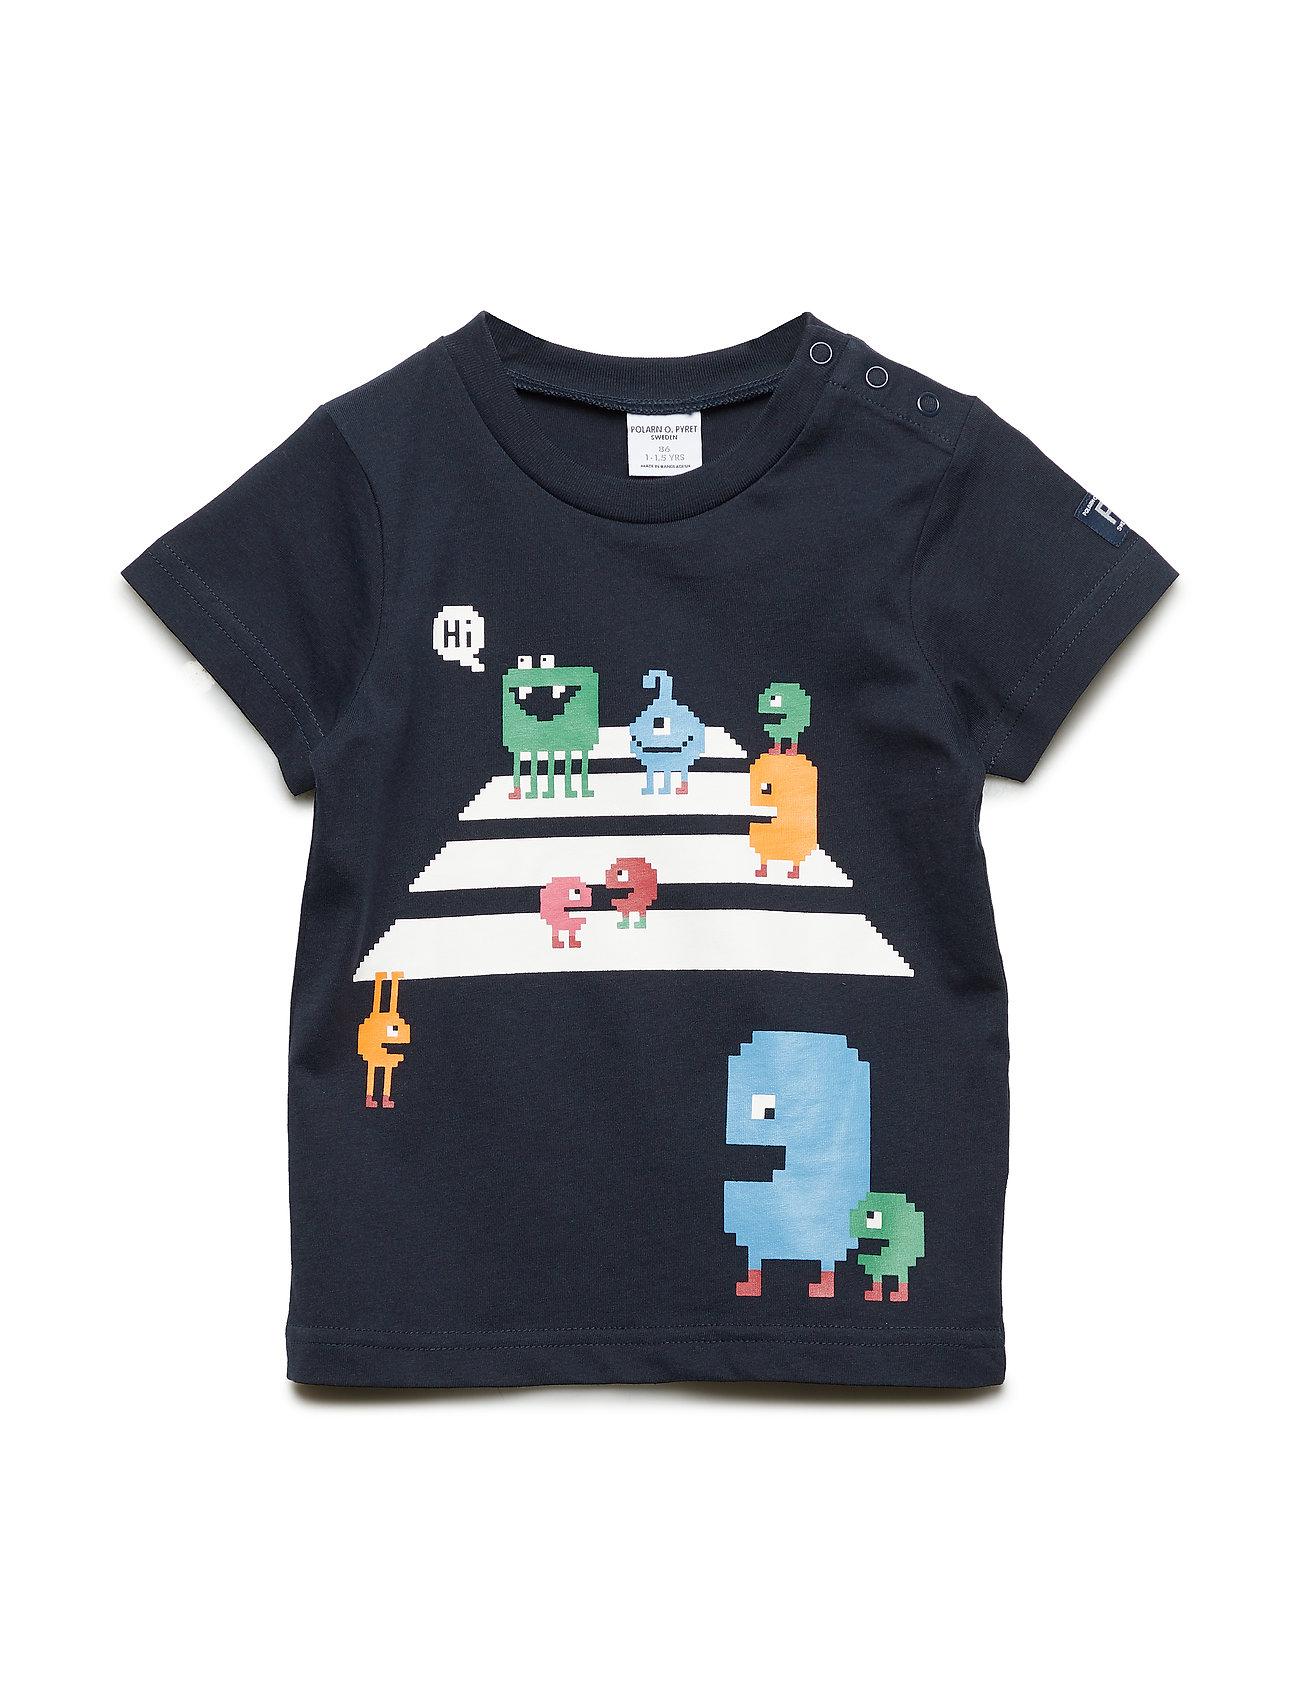 Polarn O. Pyret T-shirt Frontprint S/S Preschool - DARK SAPPHIRE